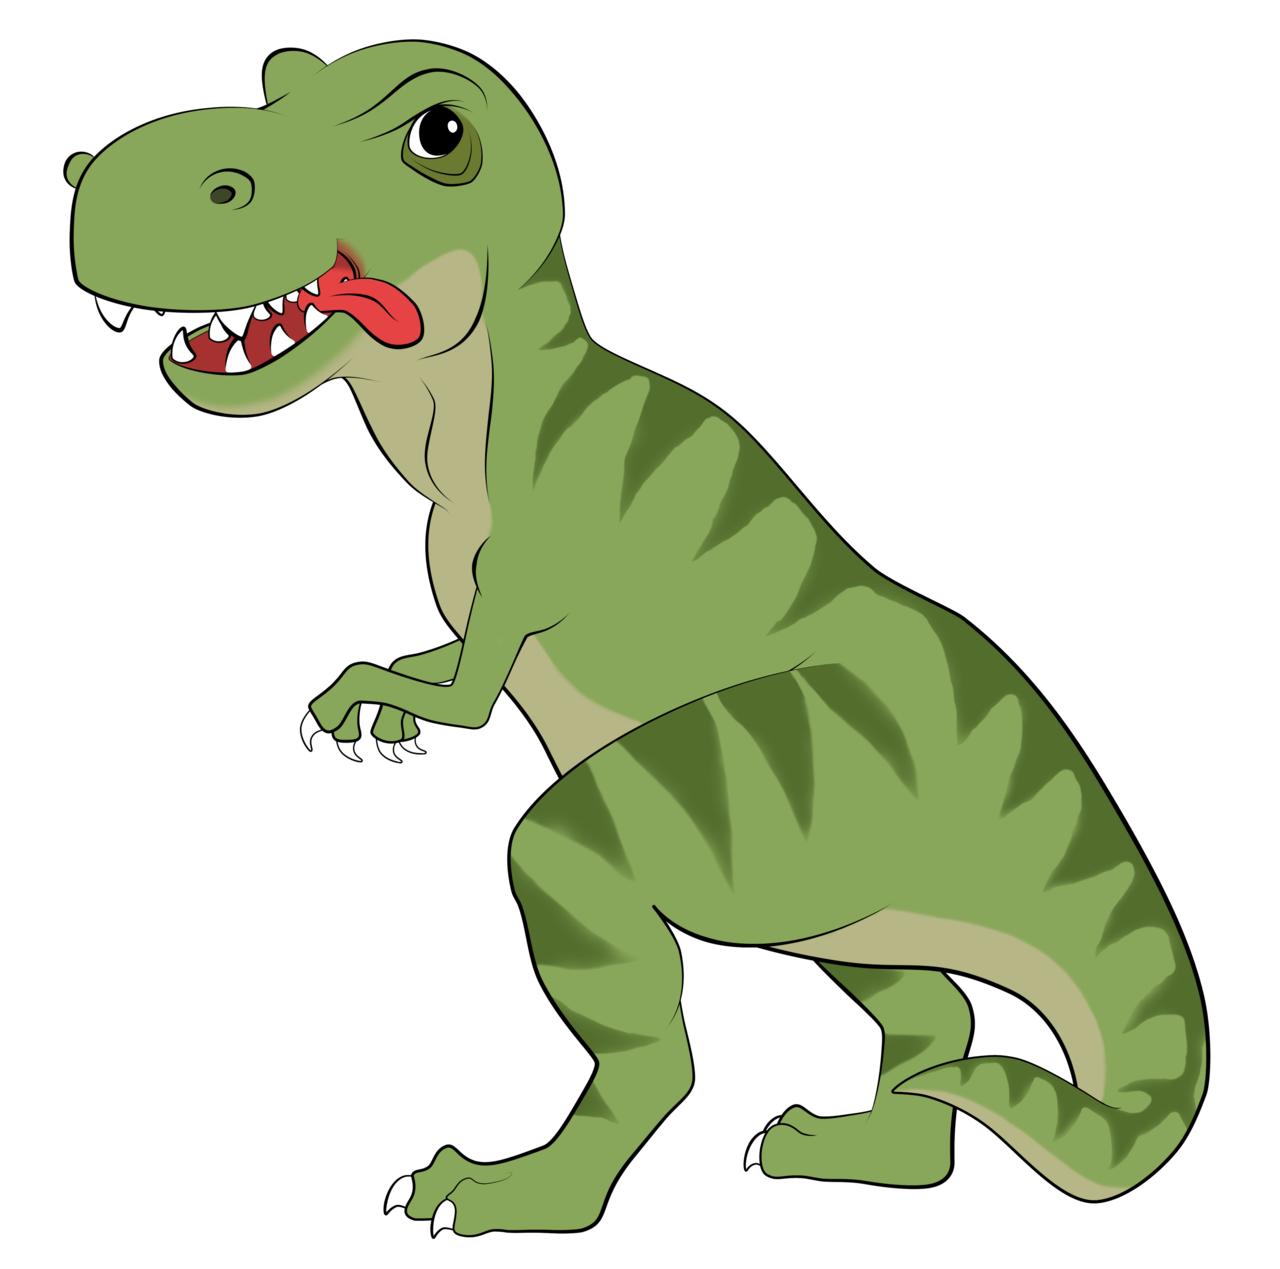 Tyrannosaurus rex clipart #14